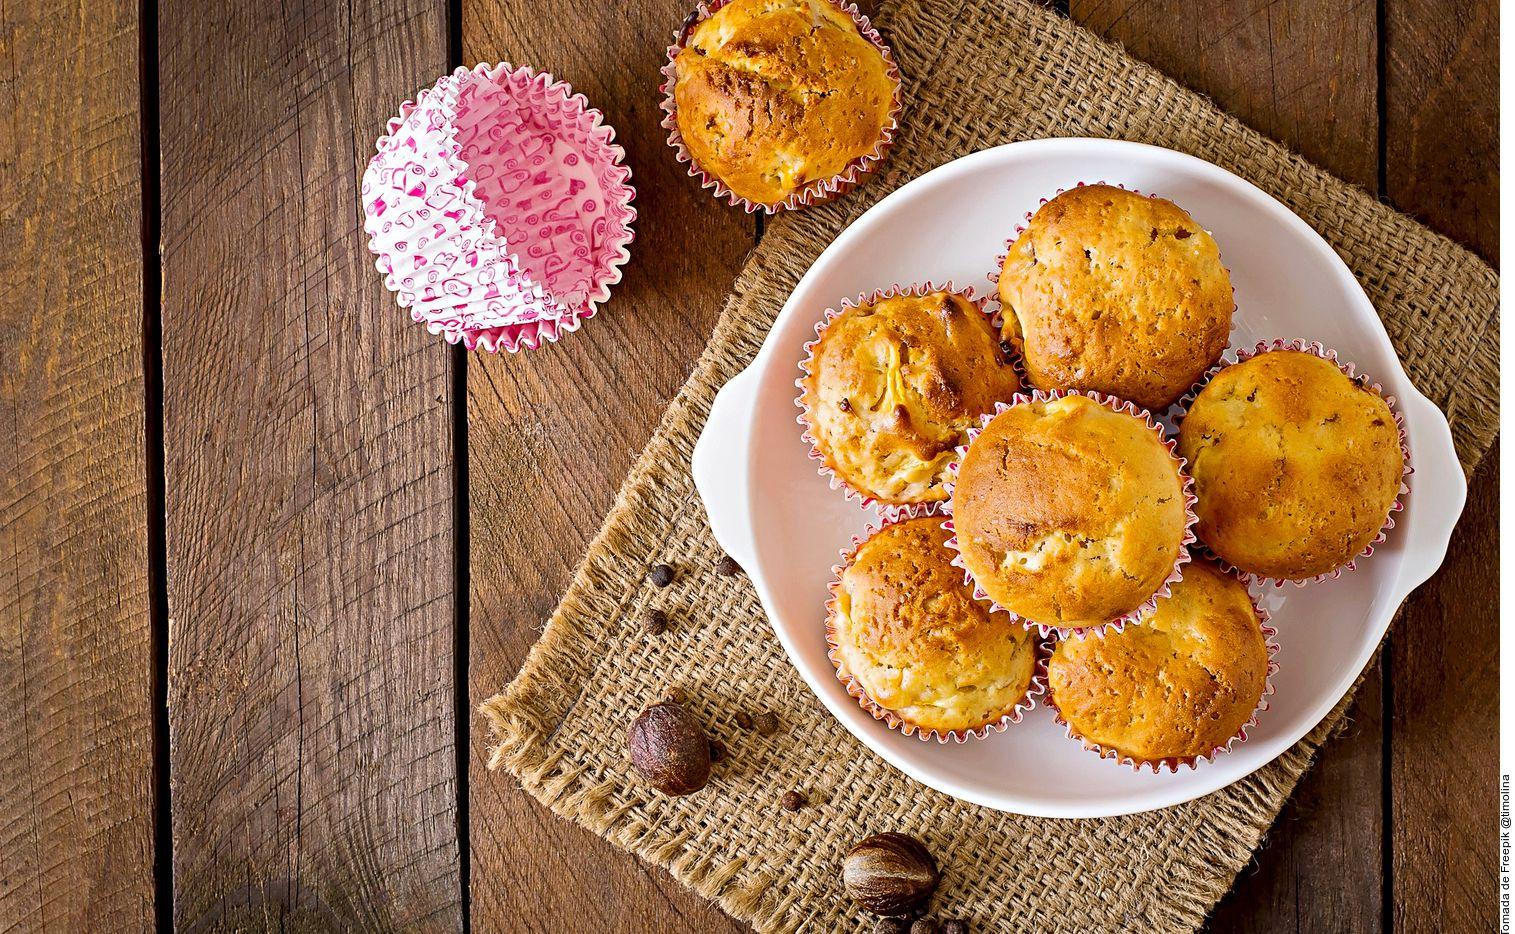 Para hacer unos muffins de manzana y nuez, usted debe acremar en la batidora la mantequilla con el azúcar, la vainilla y la miel. Incorporar los huevos uno a uno sin dejar de batir. Cernir los ingredientes secos e integrar a la mezcla en 3 partes.